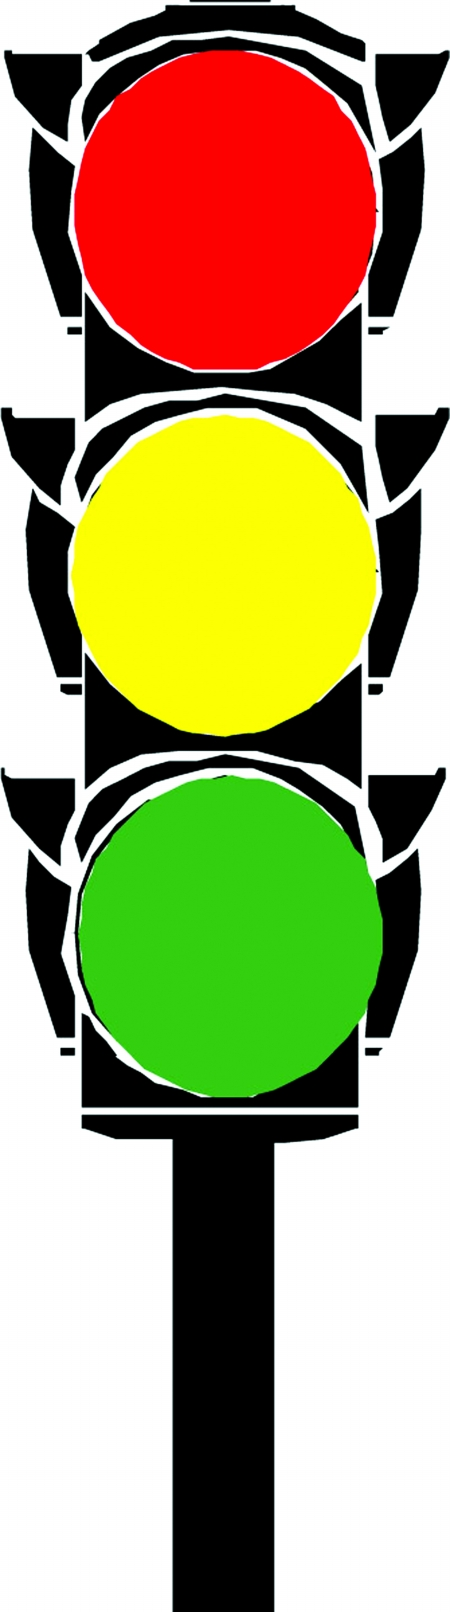 转盘红绿灯通行图解